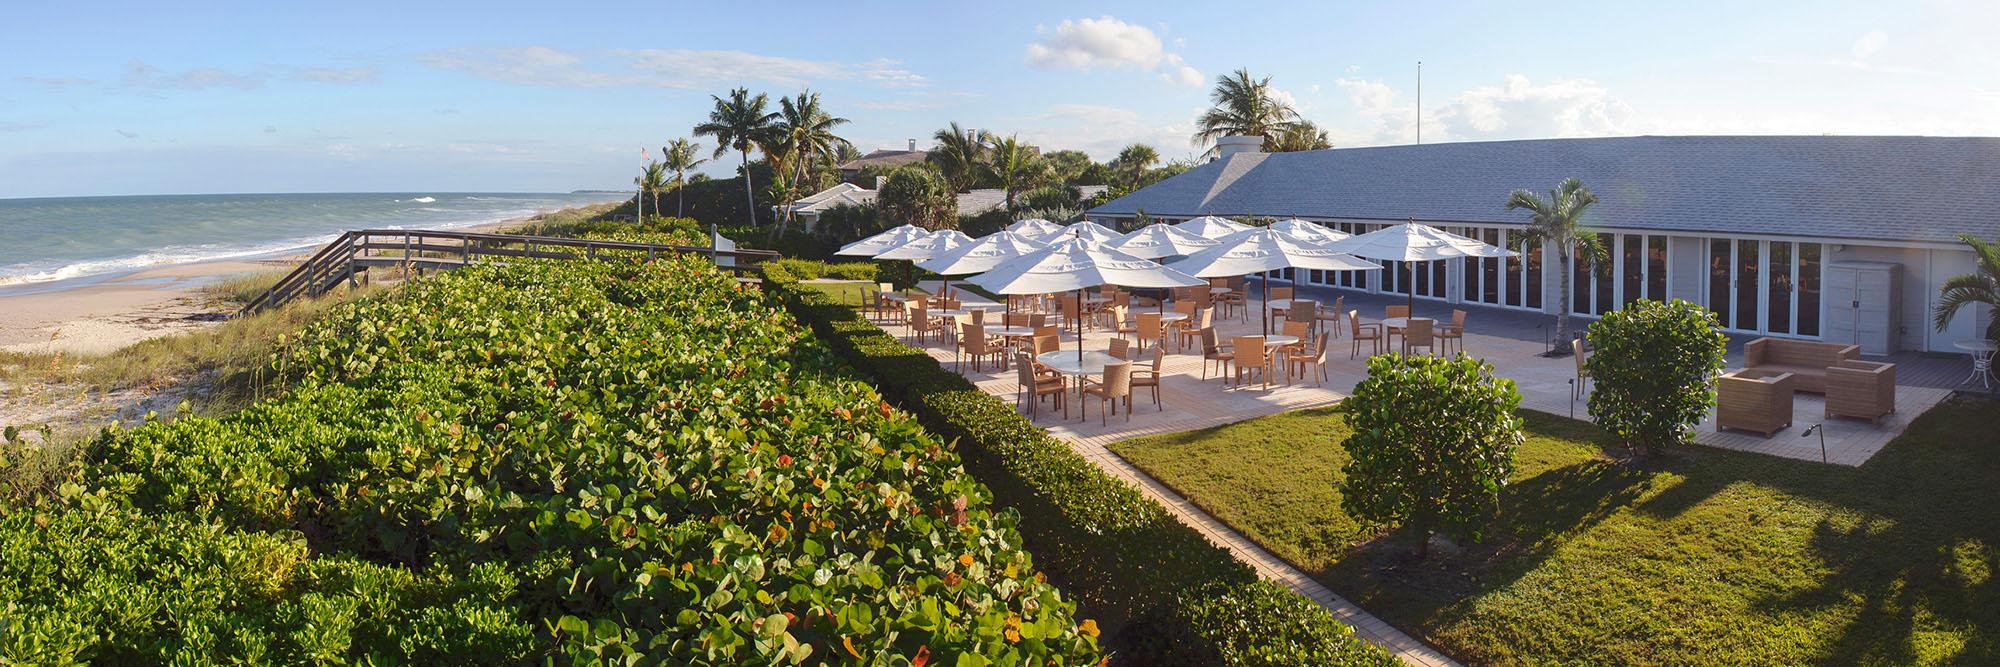 Riomar Country Club